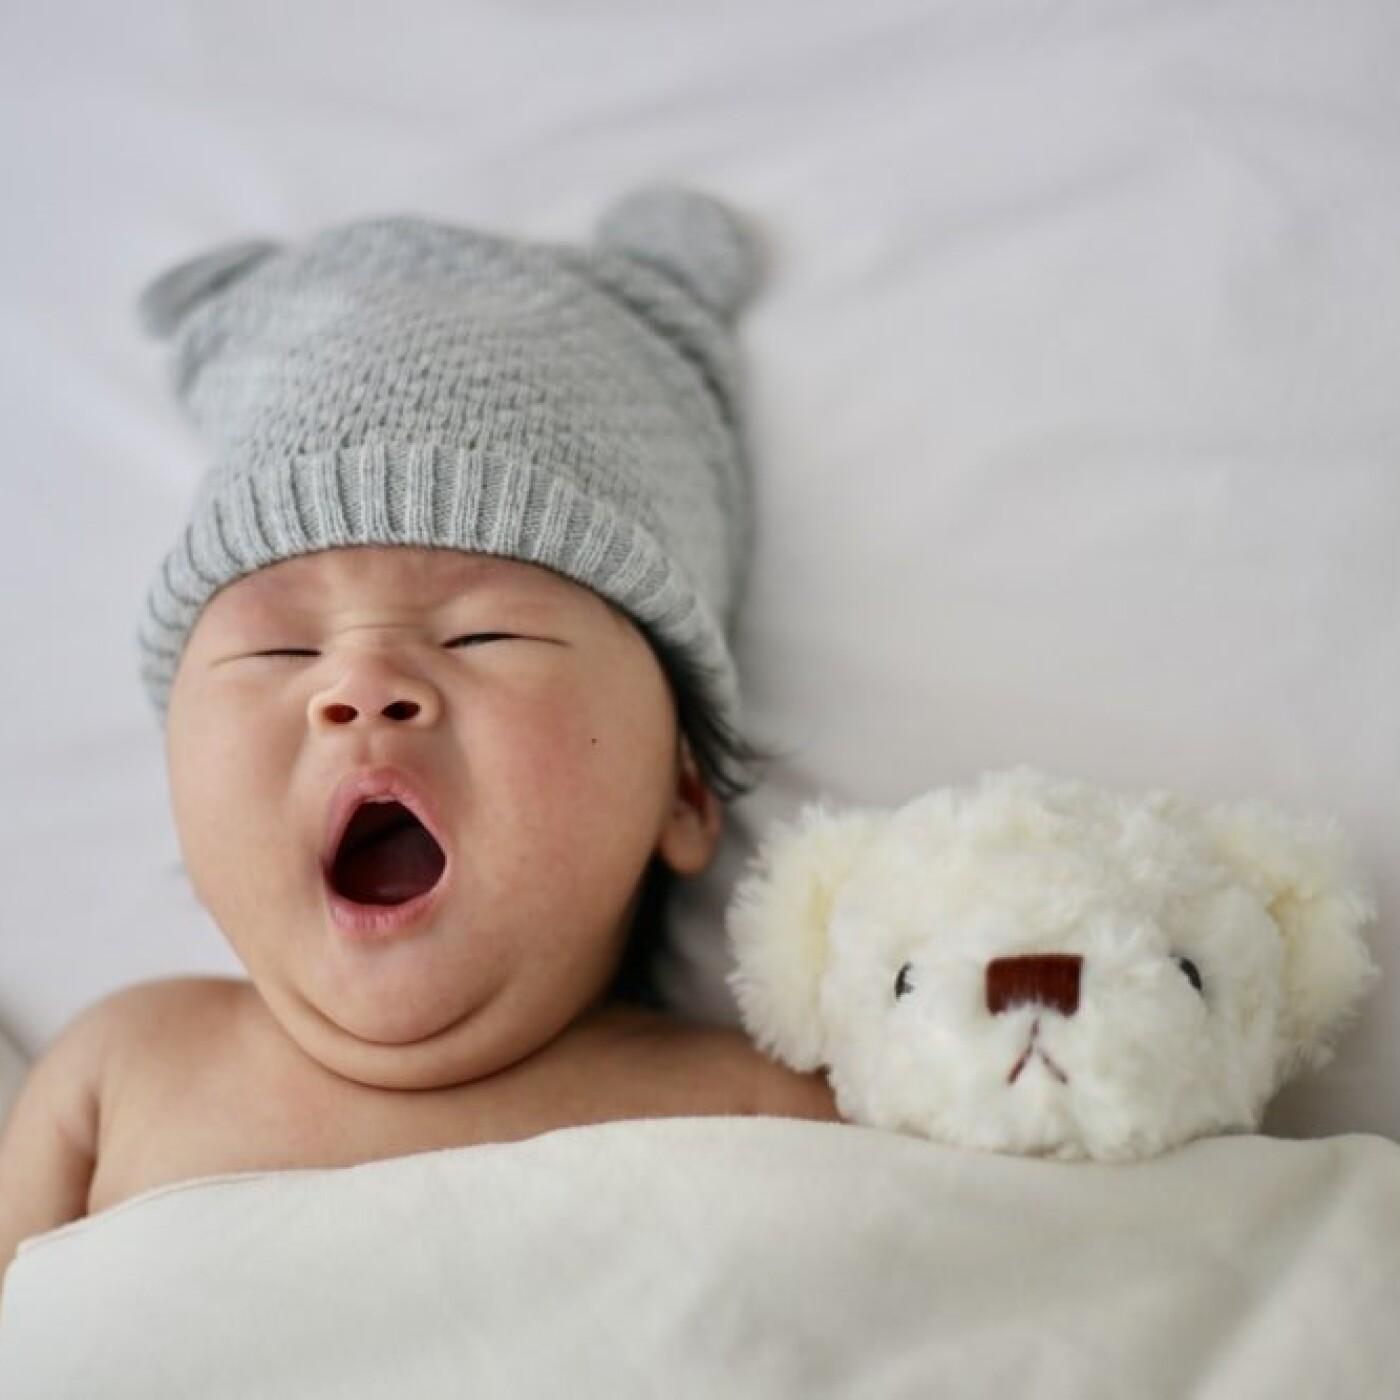 S02E120 Les animaux parlent 8/8: préjugés sur les sons de bébé, Nicolas Mathevon (bioacousticien)